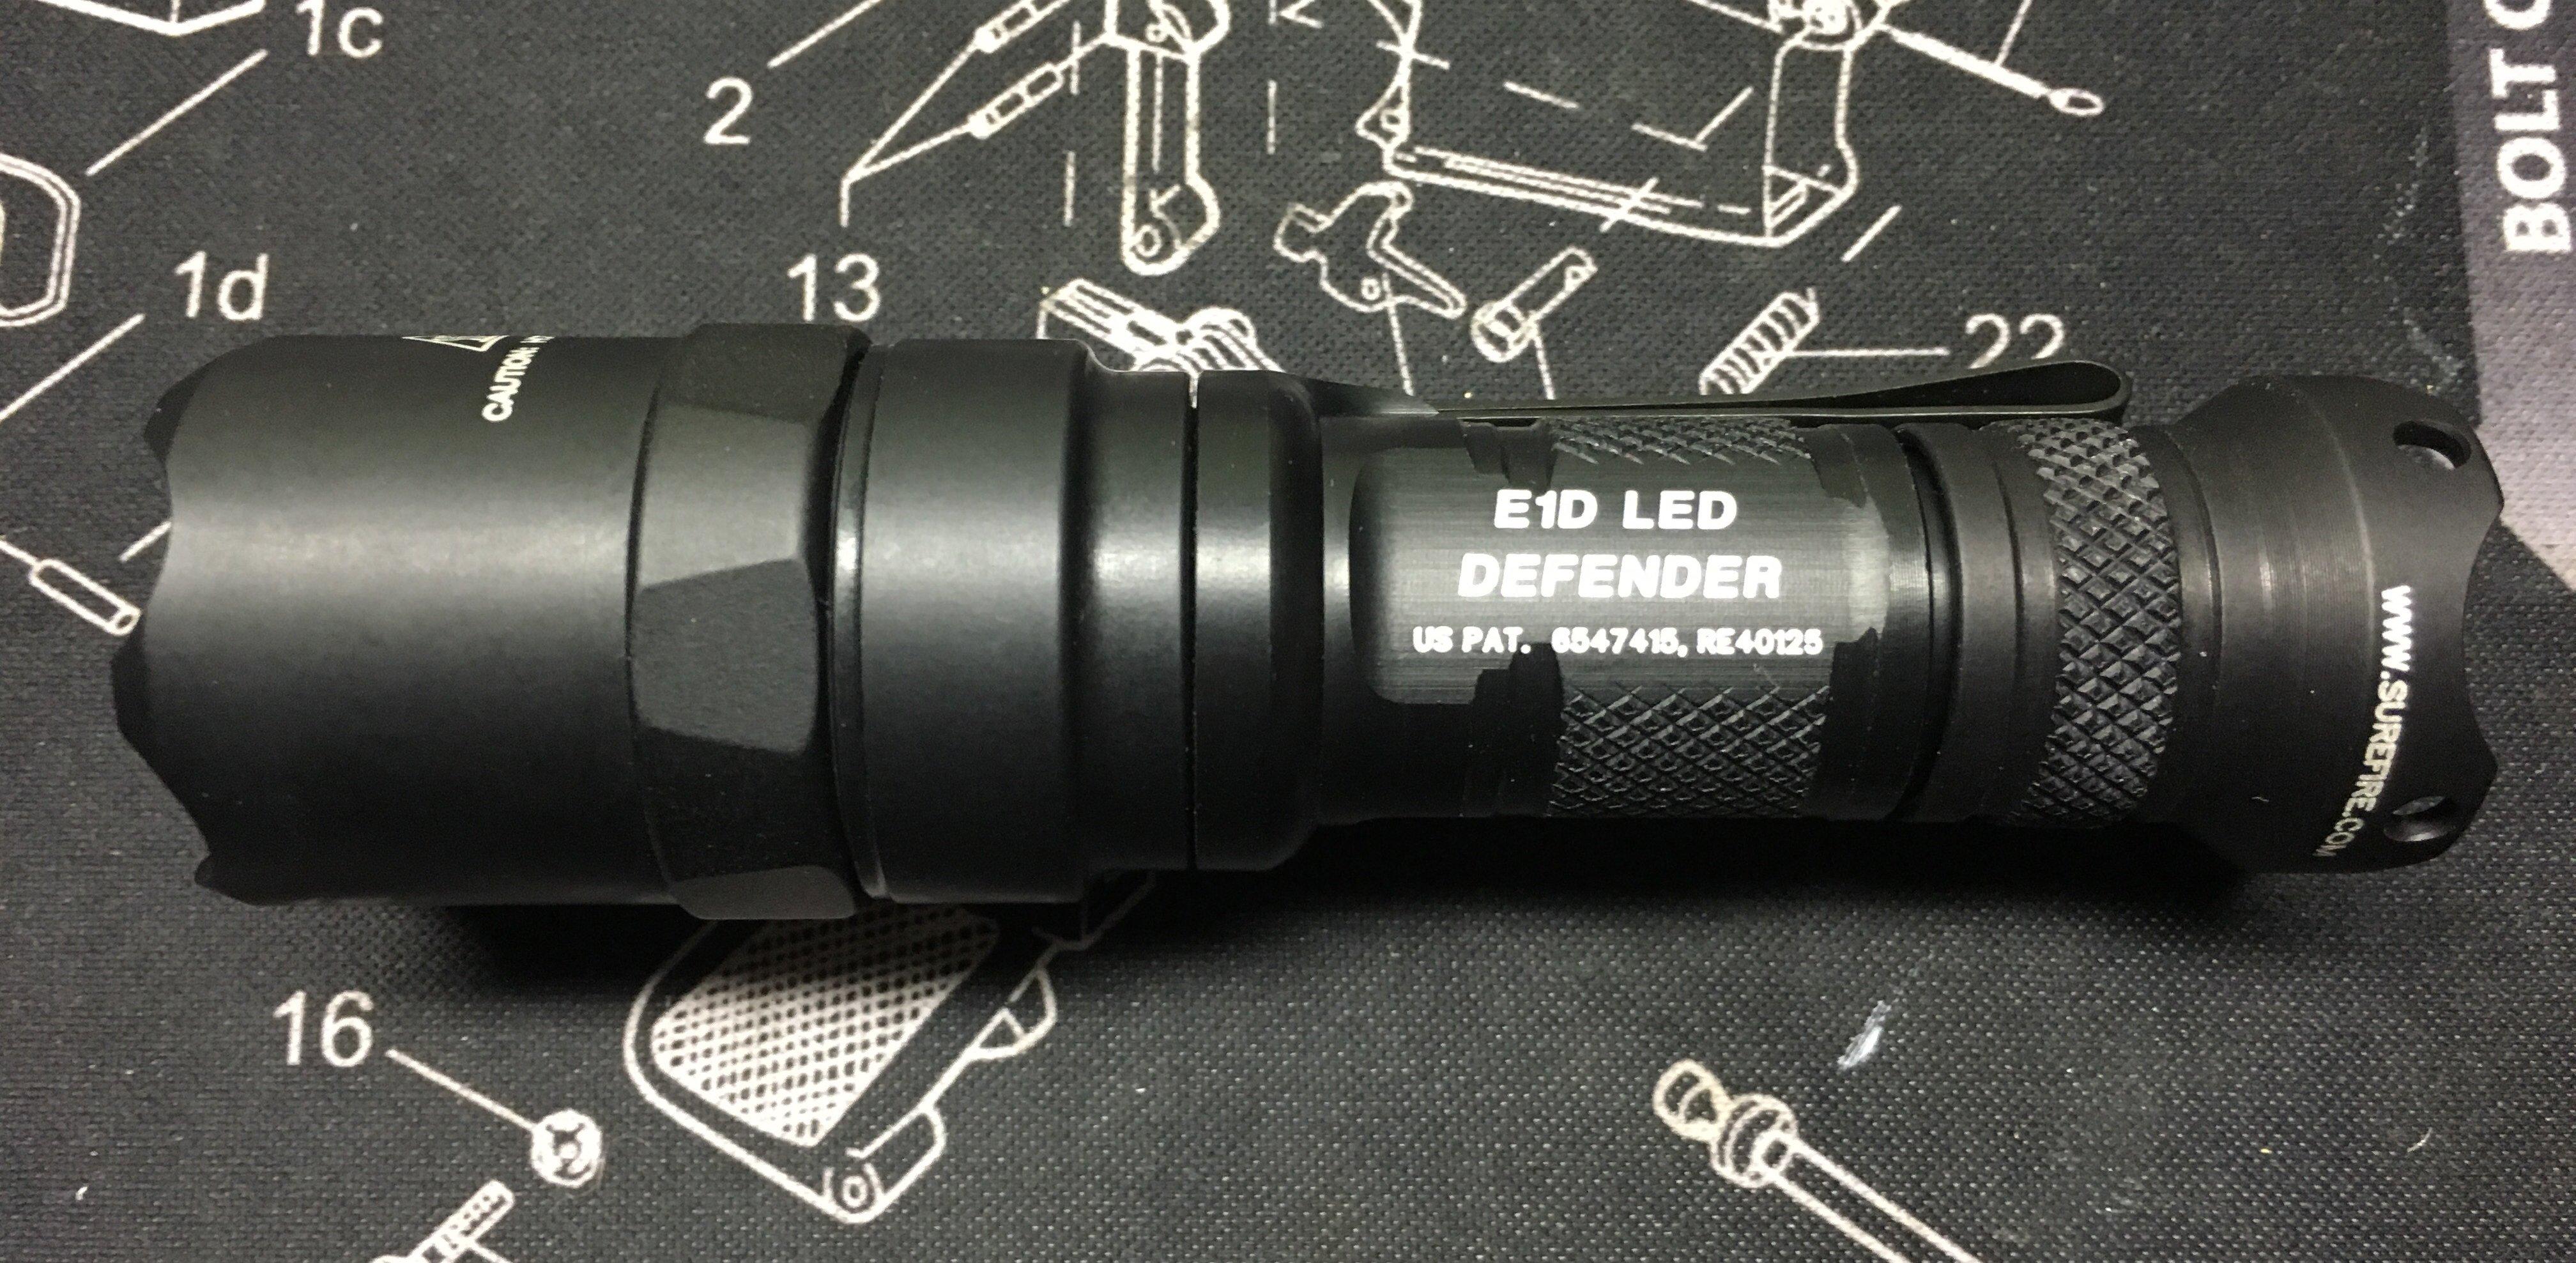 Surefire e1d defender edc flashlight